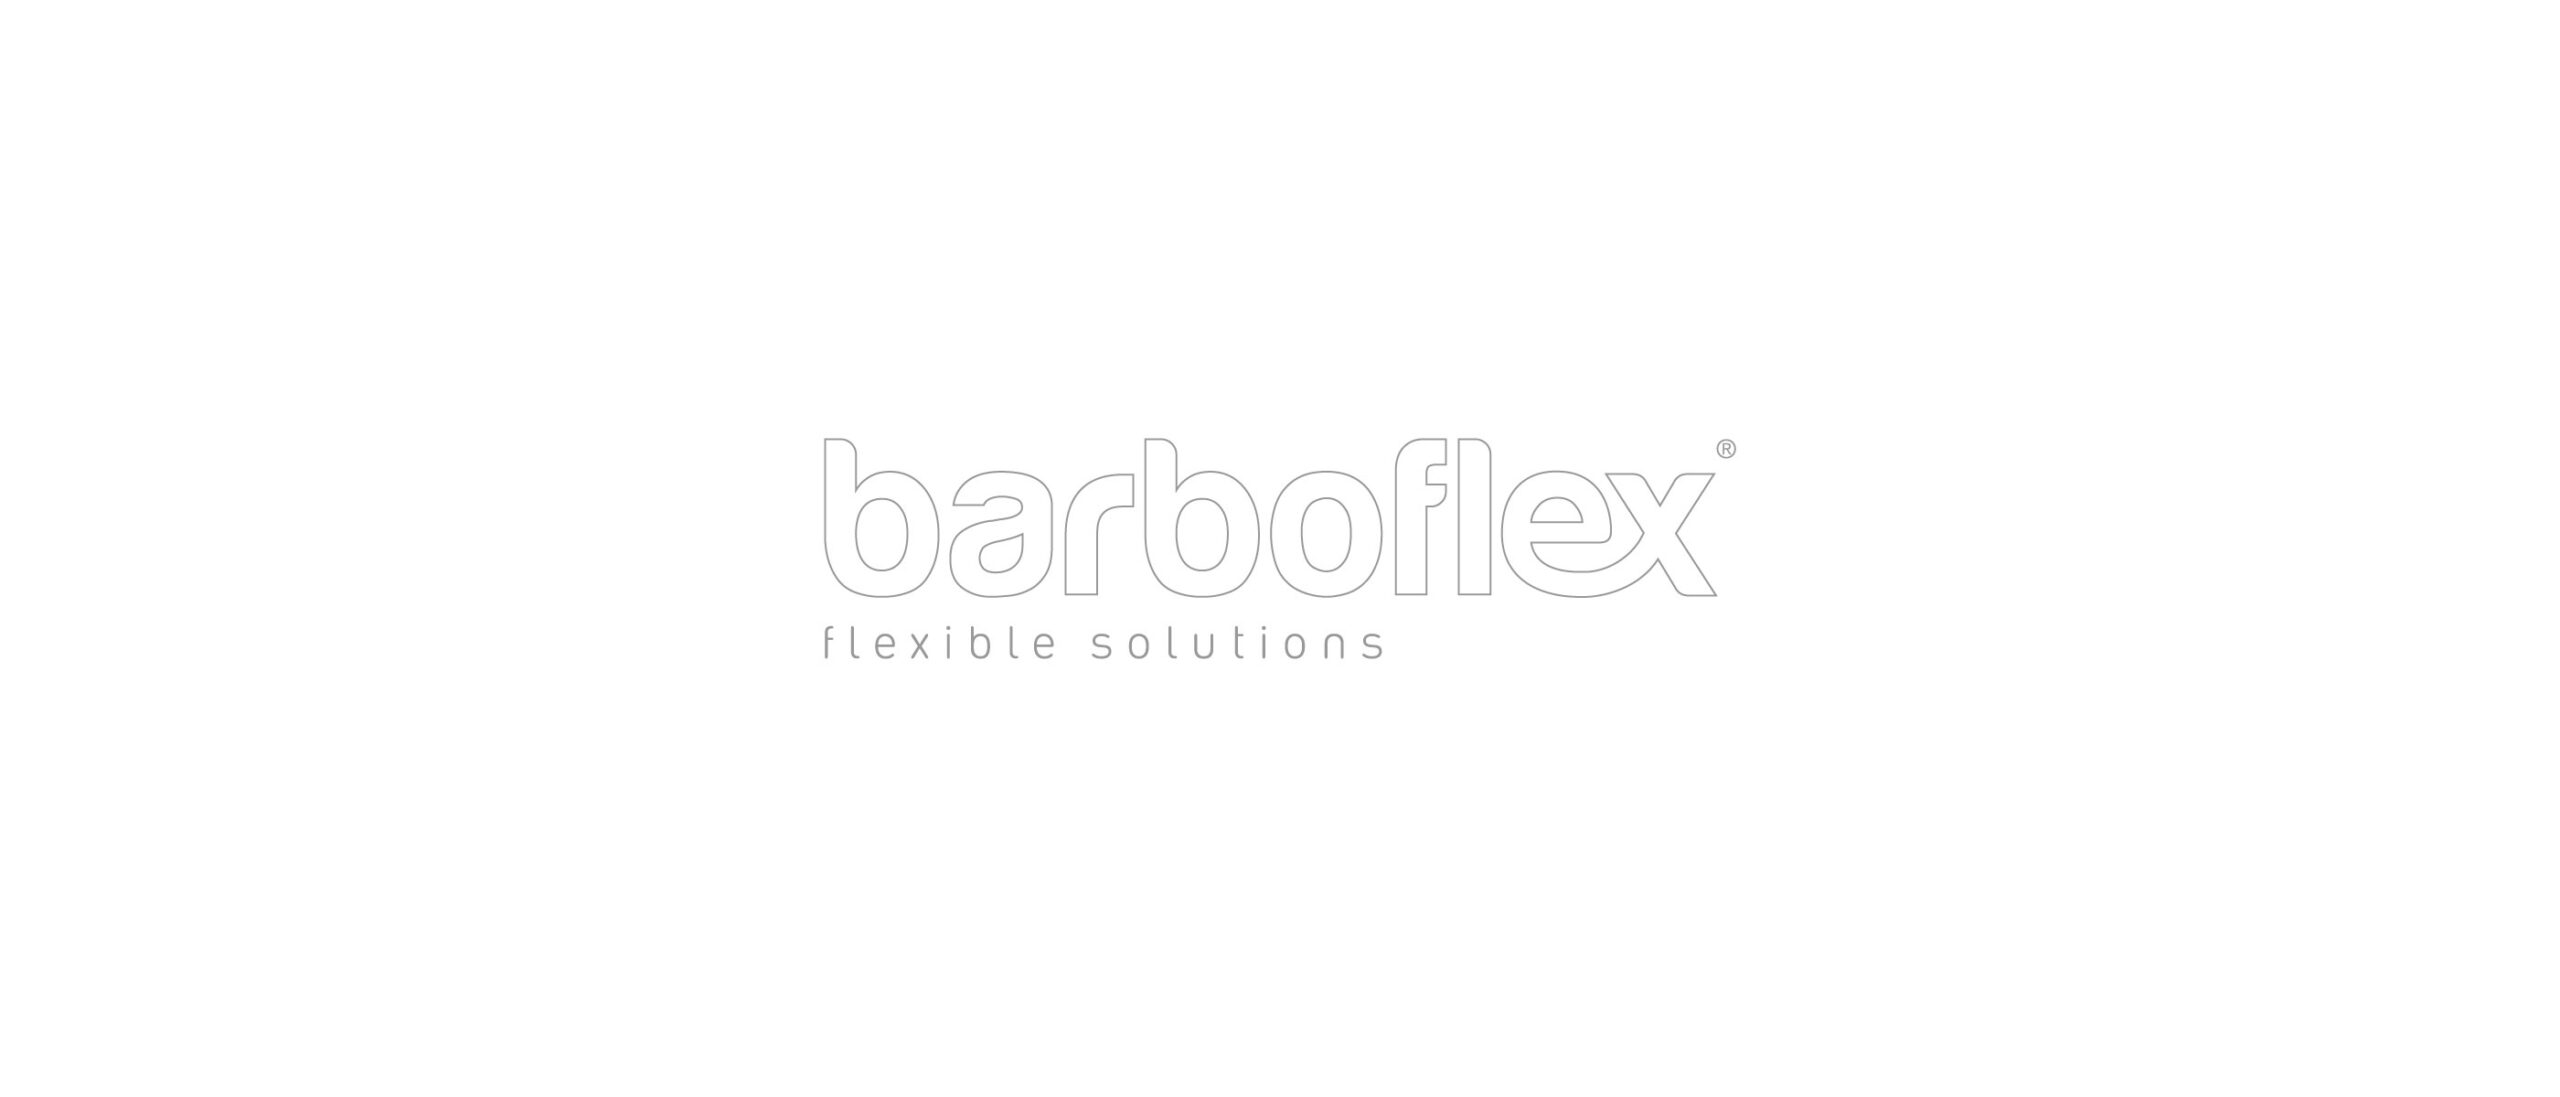 barboflex_002_2